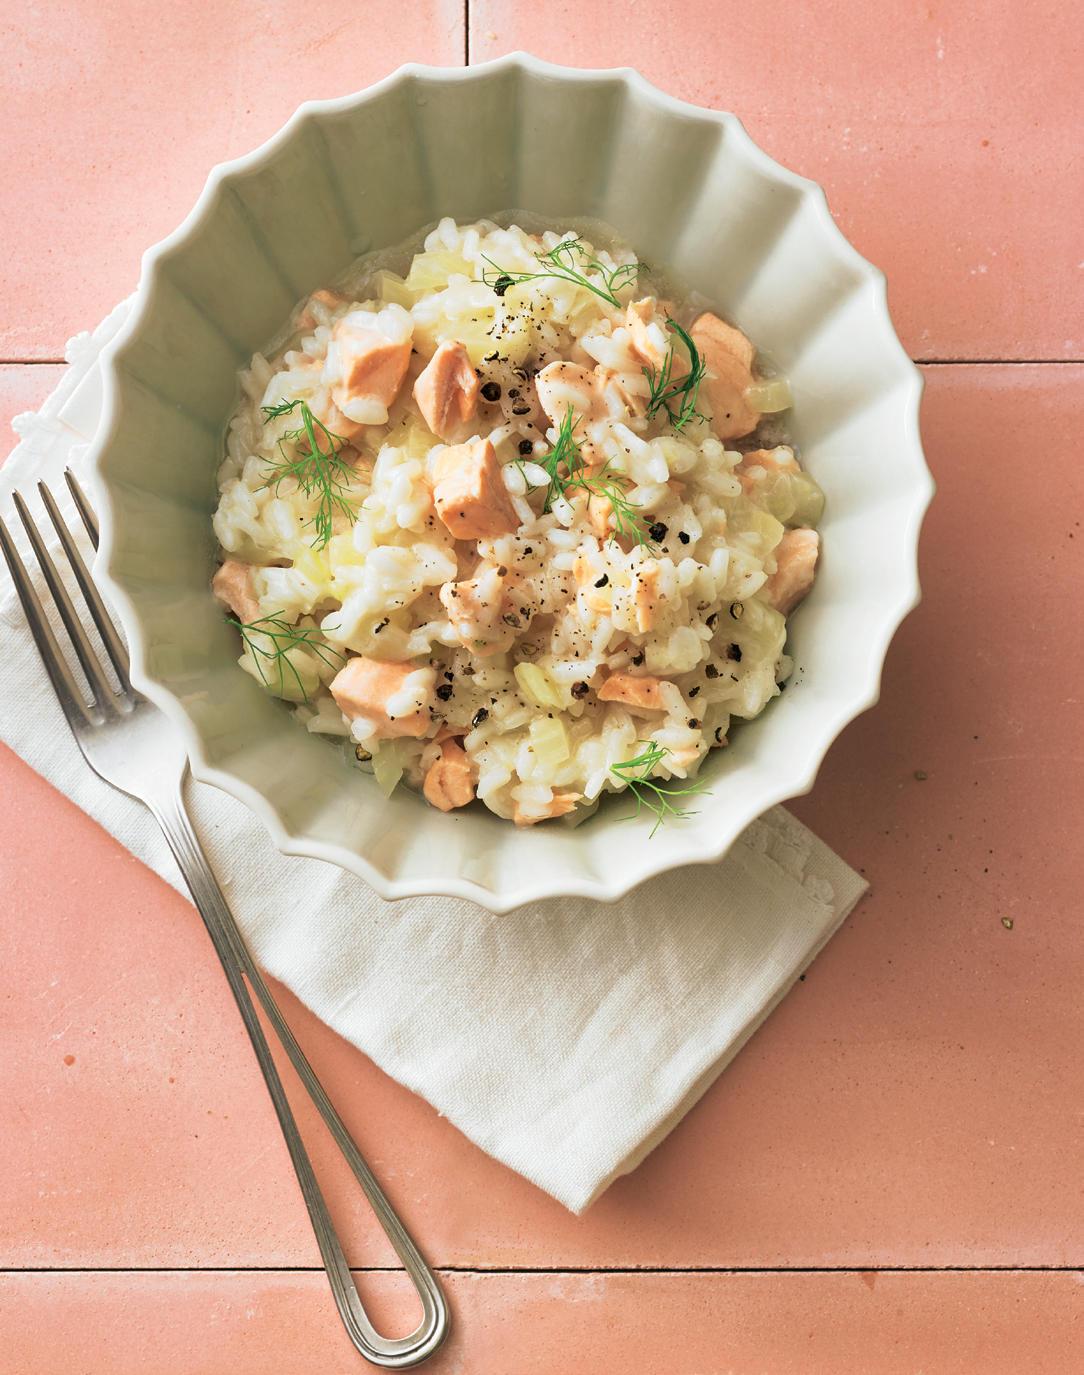 Italienische Küche: Risotto-Rezepte: Verführung auf Italienisch ...